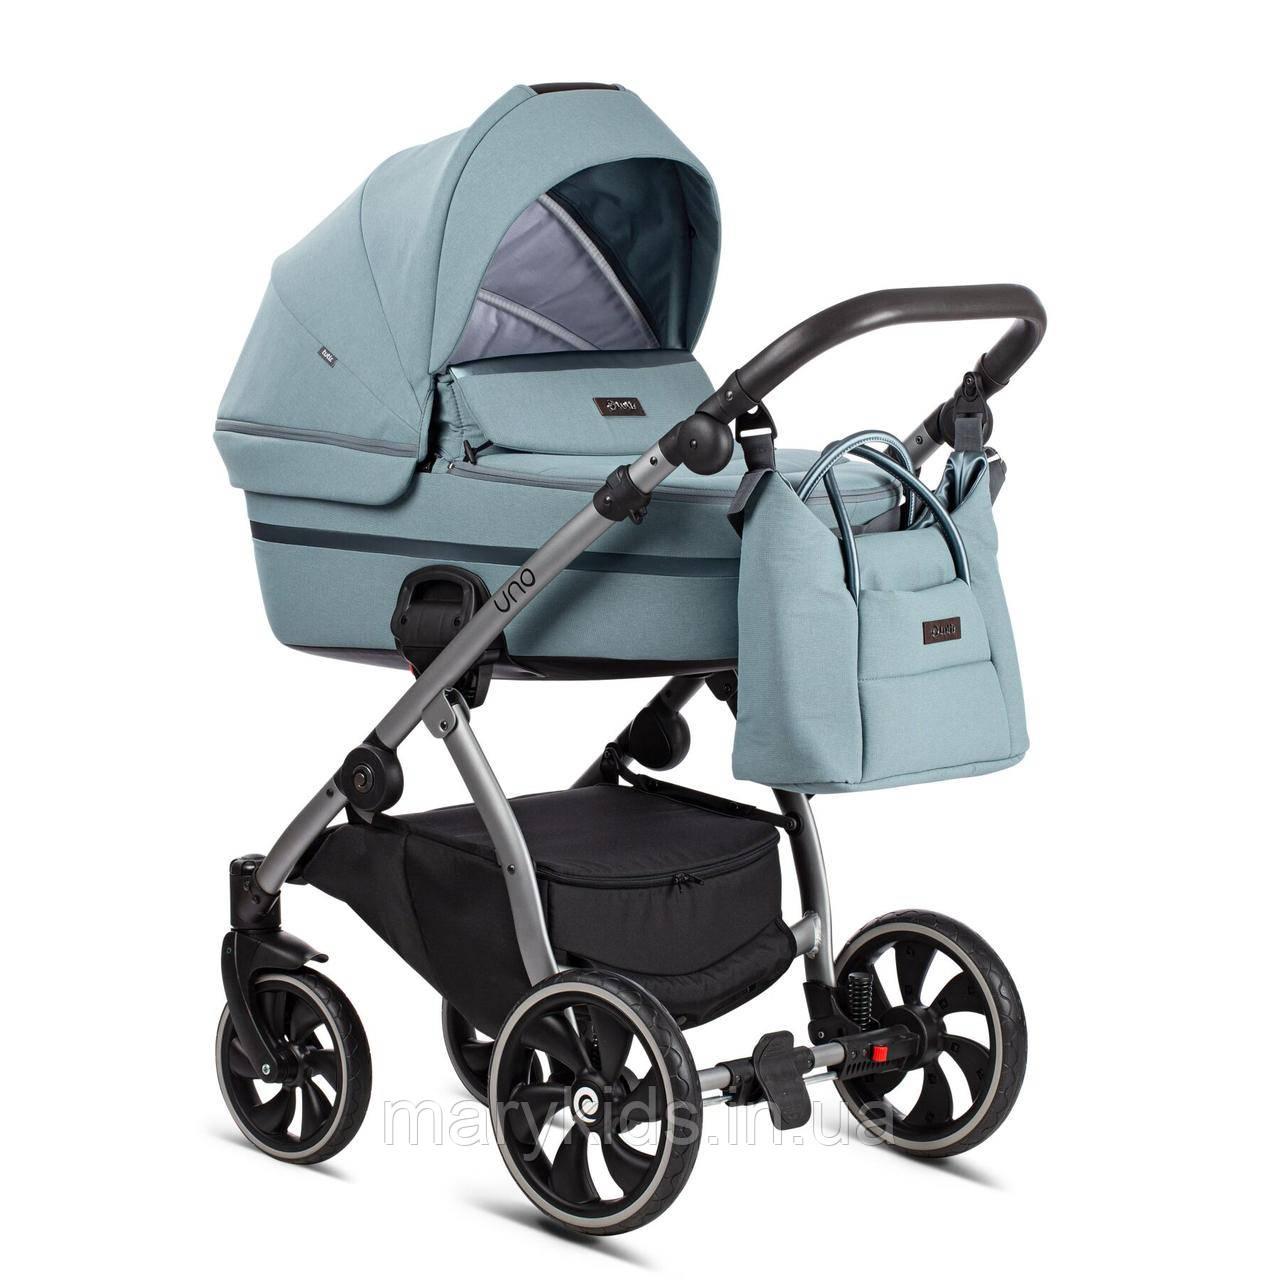 Детская универсальная коляска 2 в 1 Tutis Uno Plus Menta/143